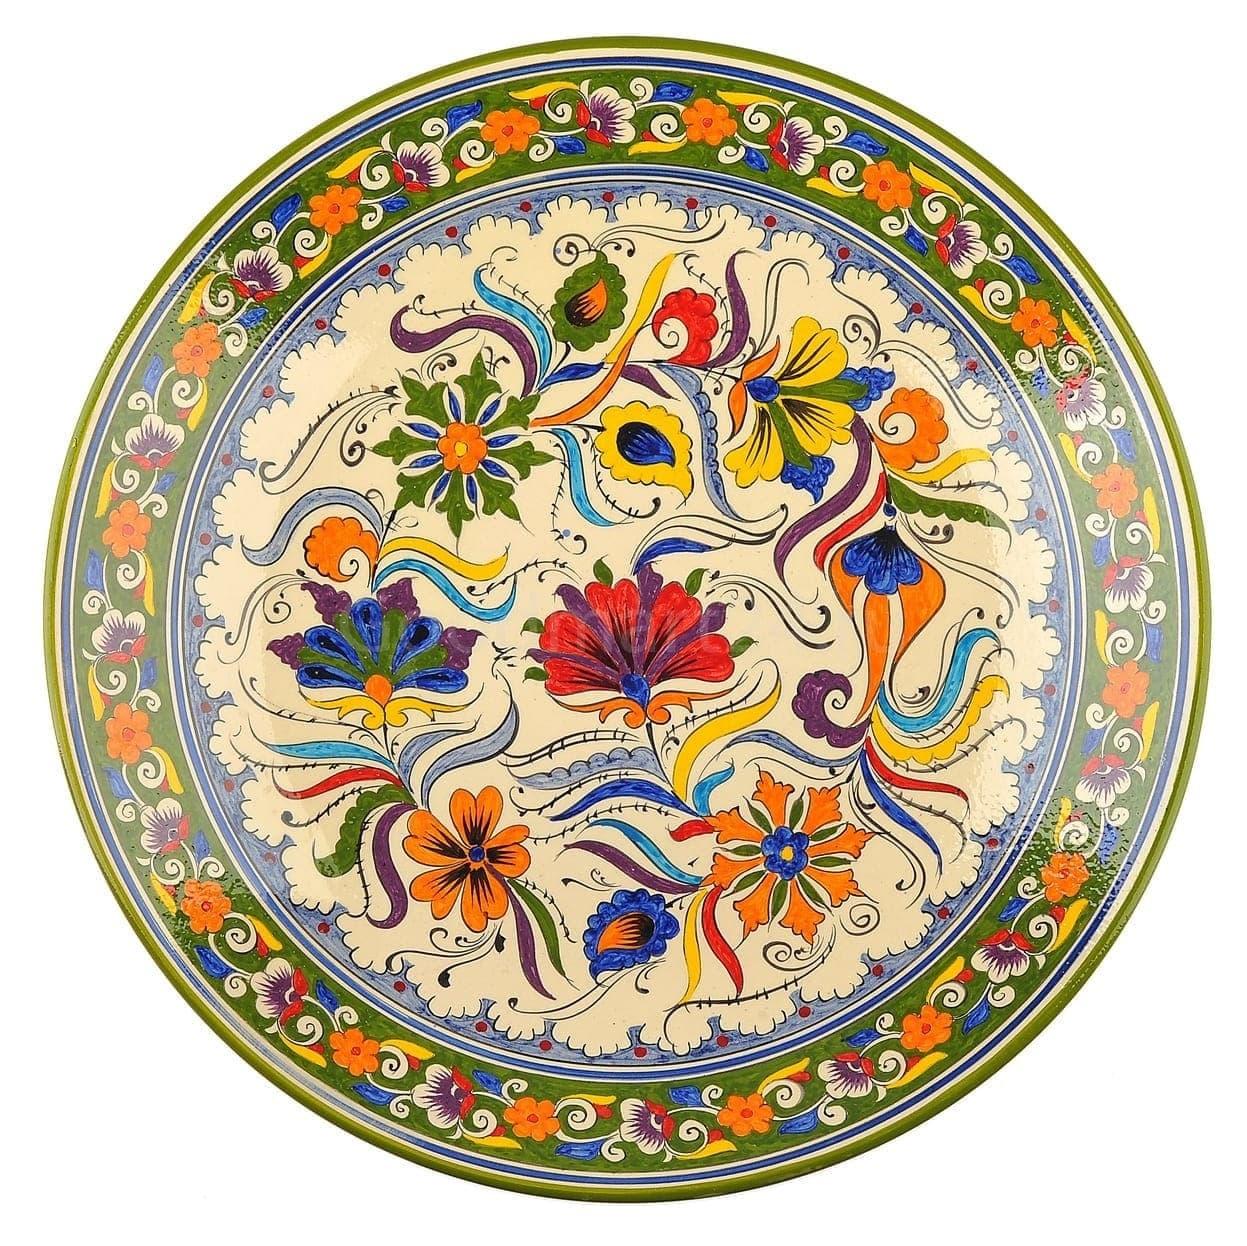 Ляган Риштанская Керамика 42 см. плоский, Турецкий - фото 9455